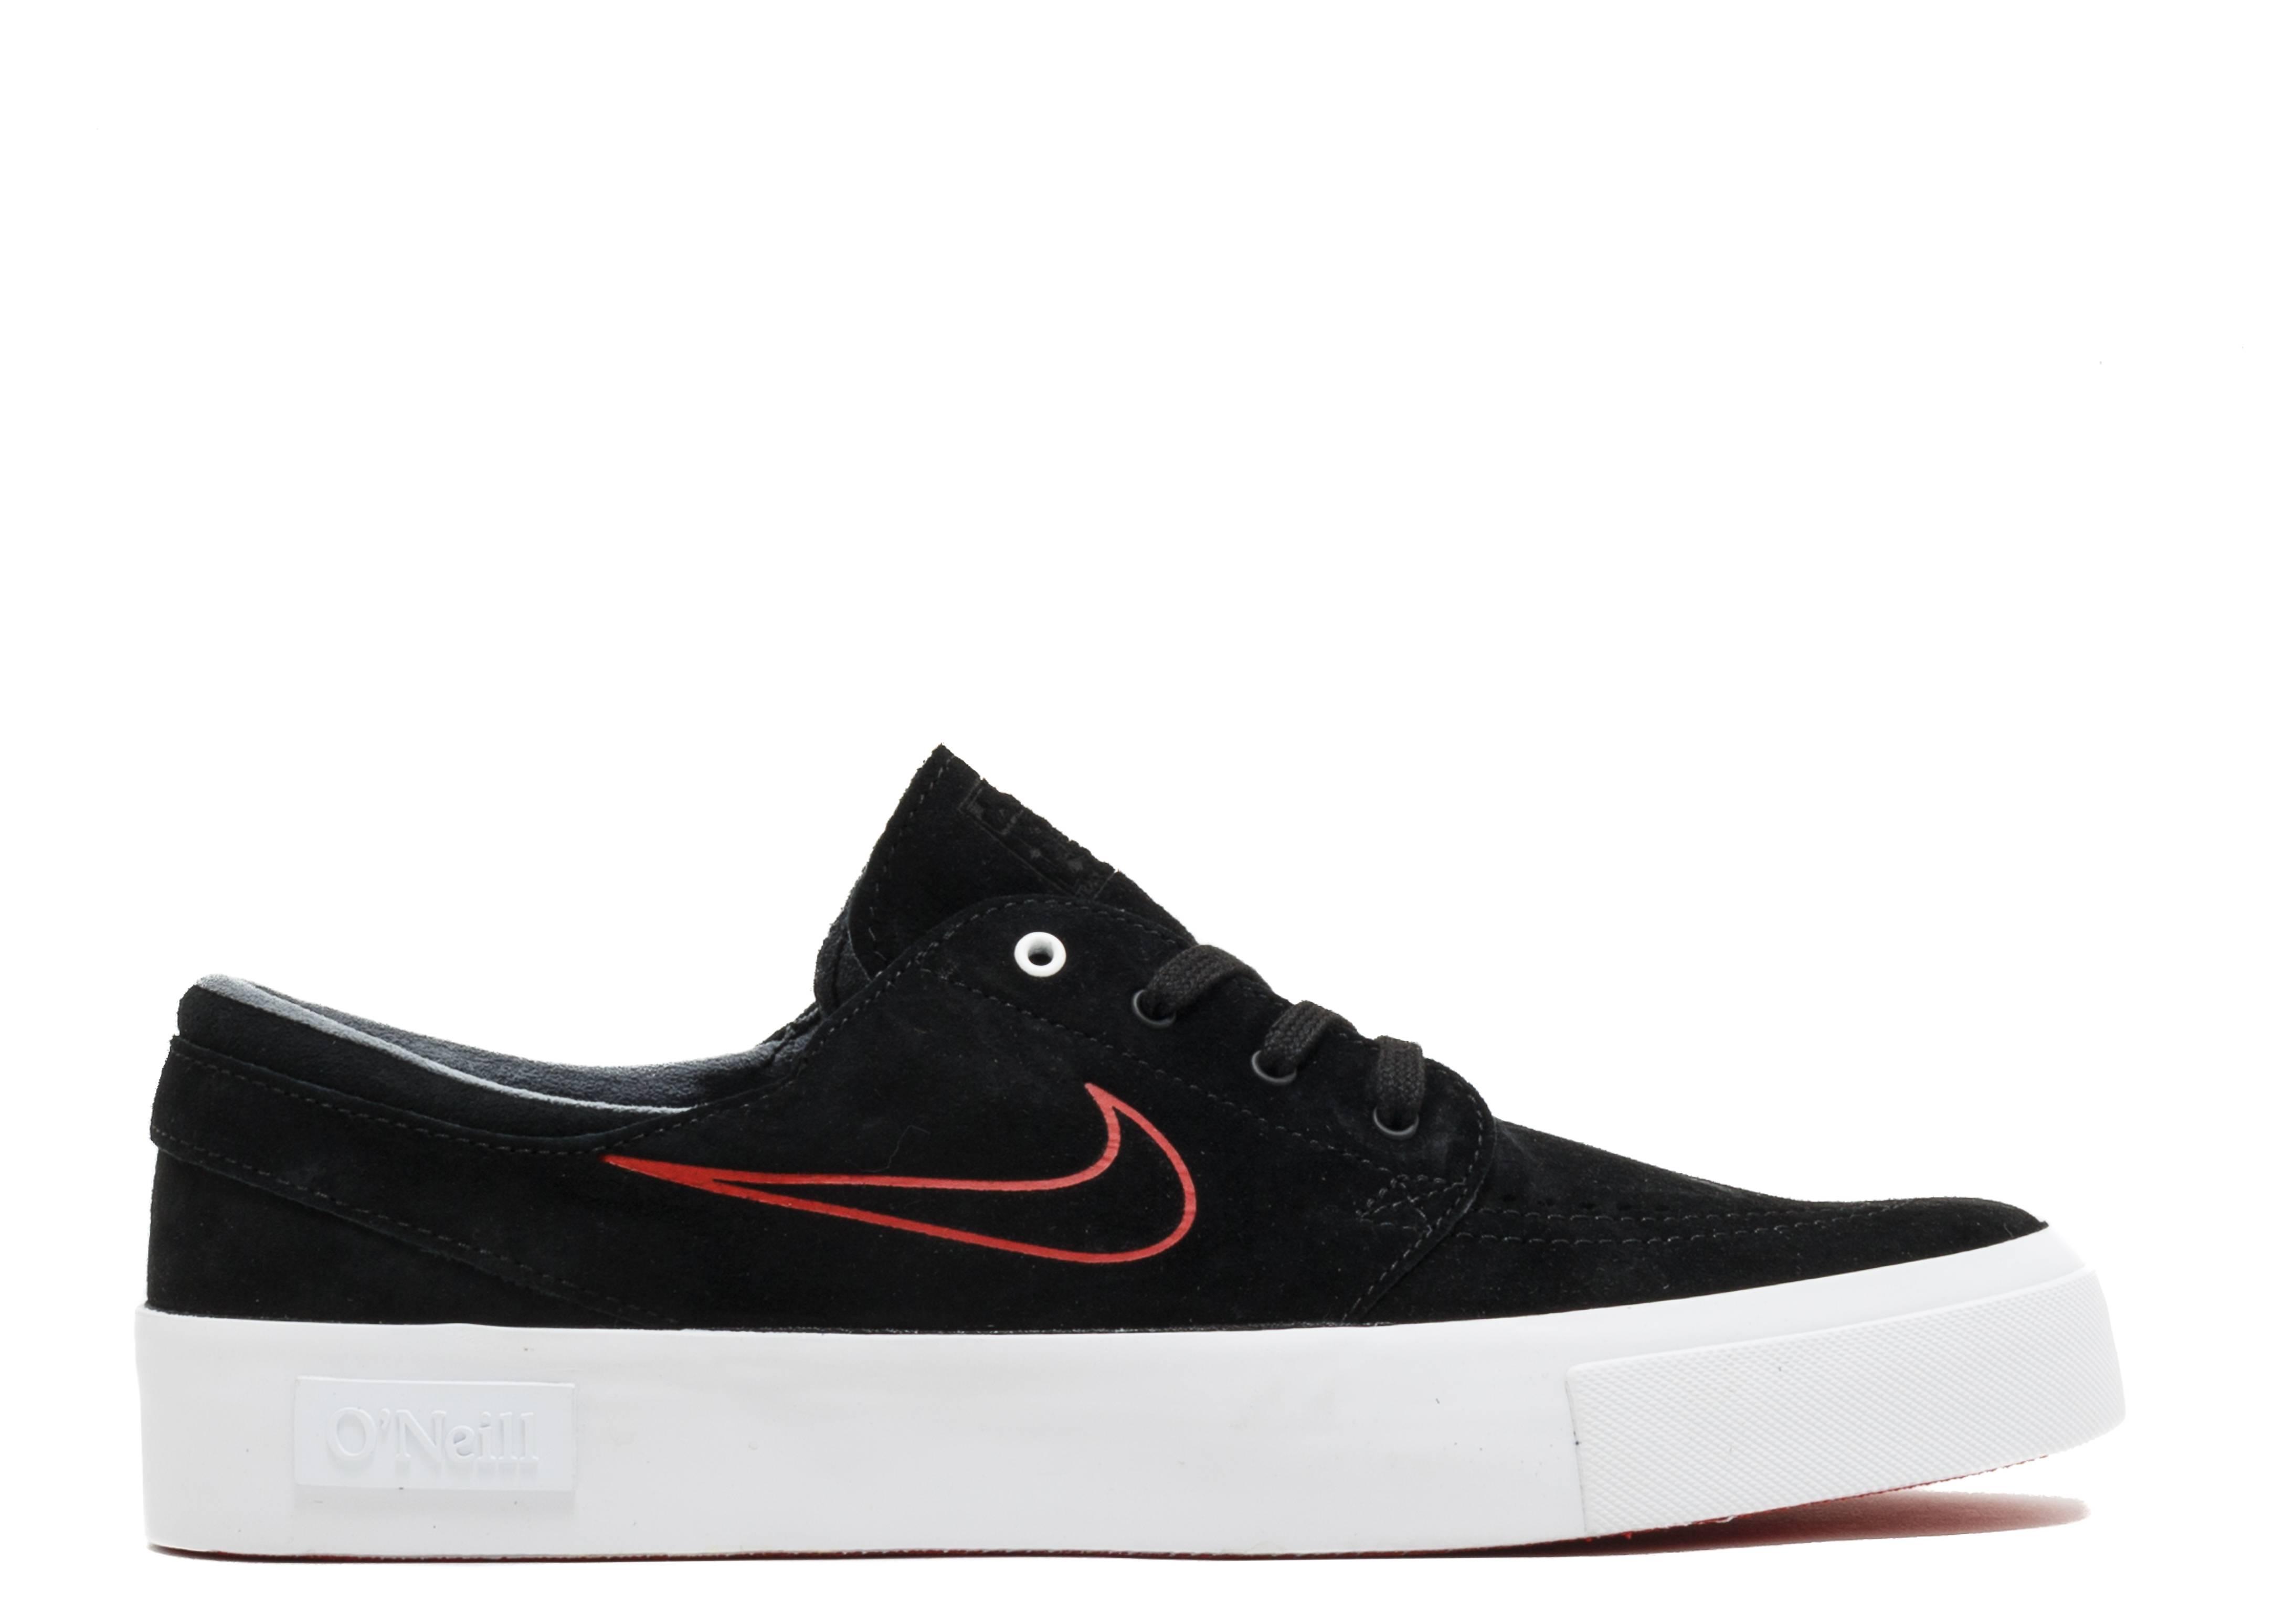 5fe1a9da38b3d Janoski - Nike Skateboarding - Nike